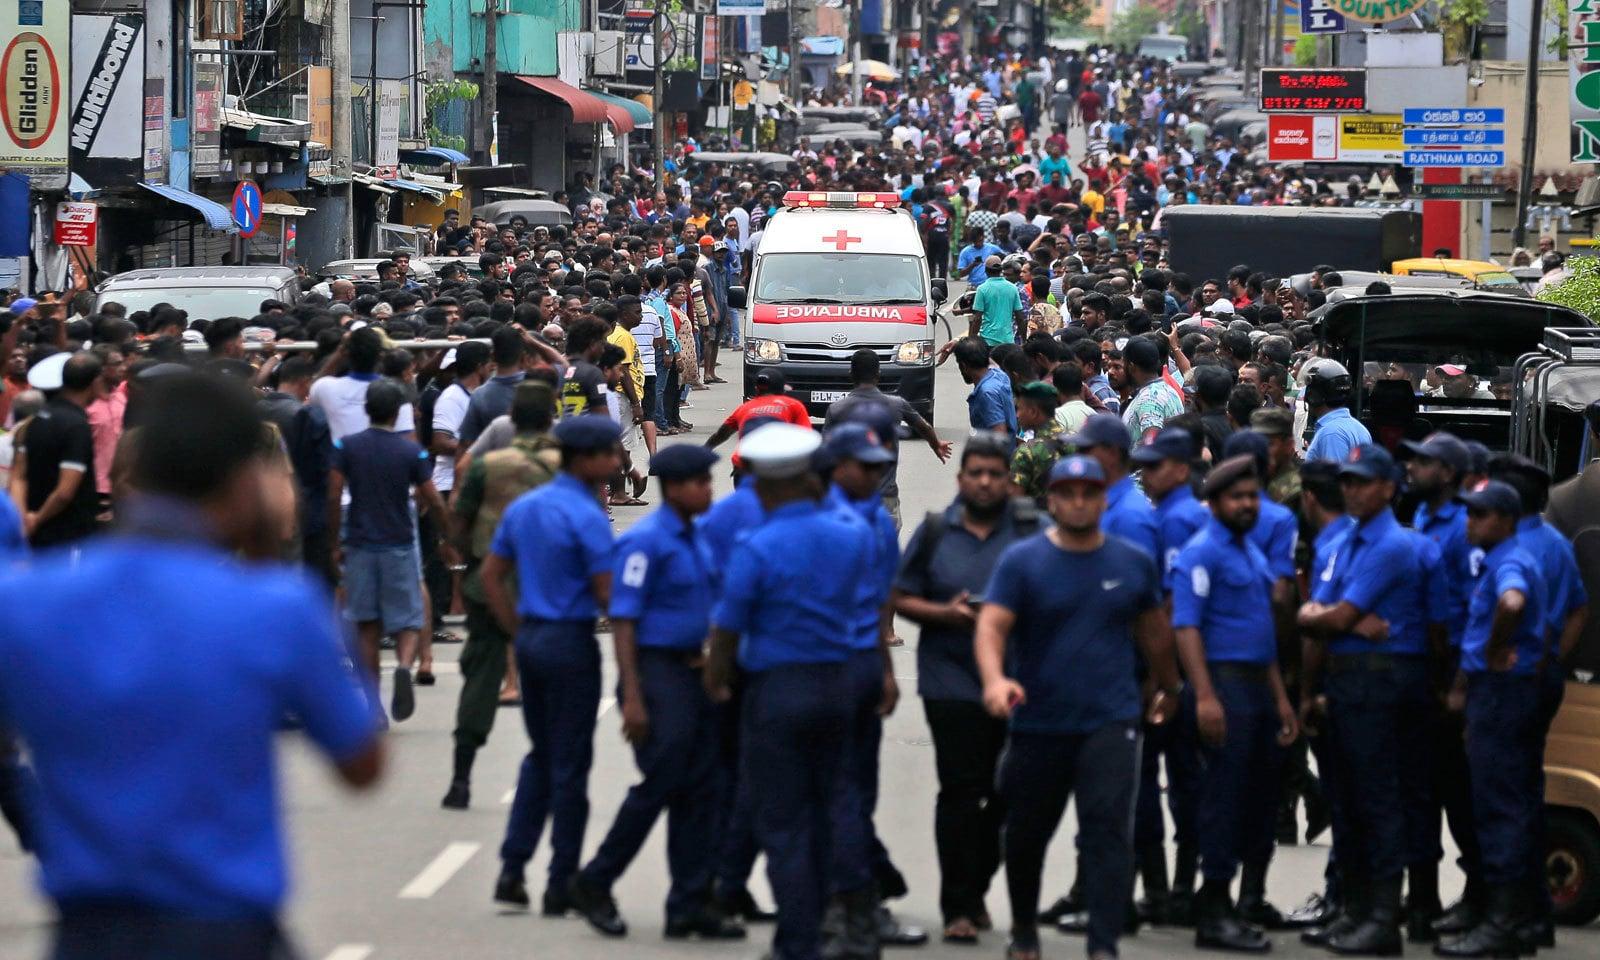 ہلاک ہونے والوں میں غیرملکی شہری بھی شامل ہیں— فوٹو: اے پی